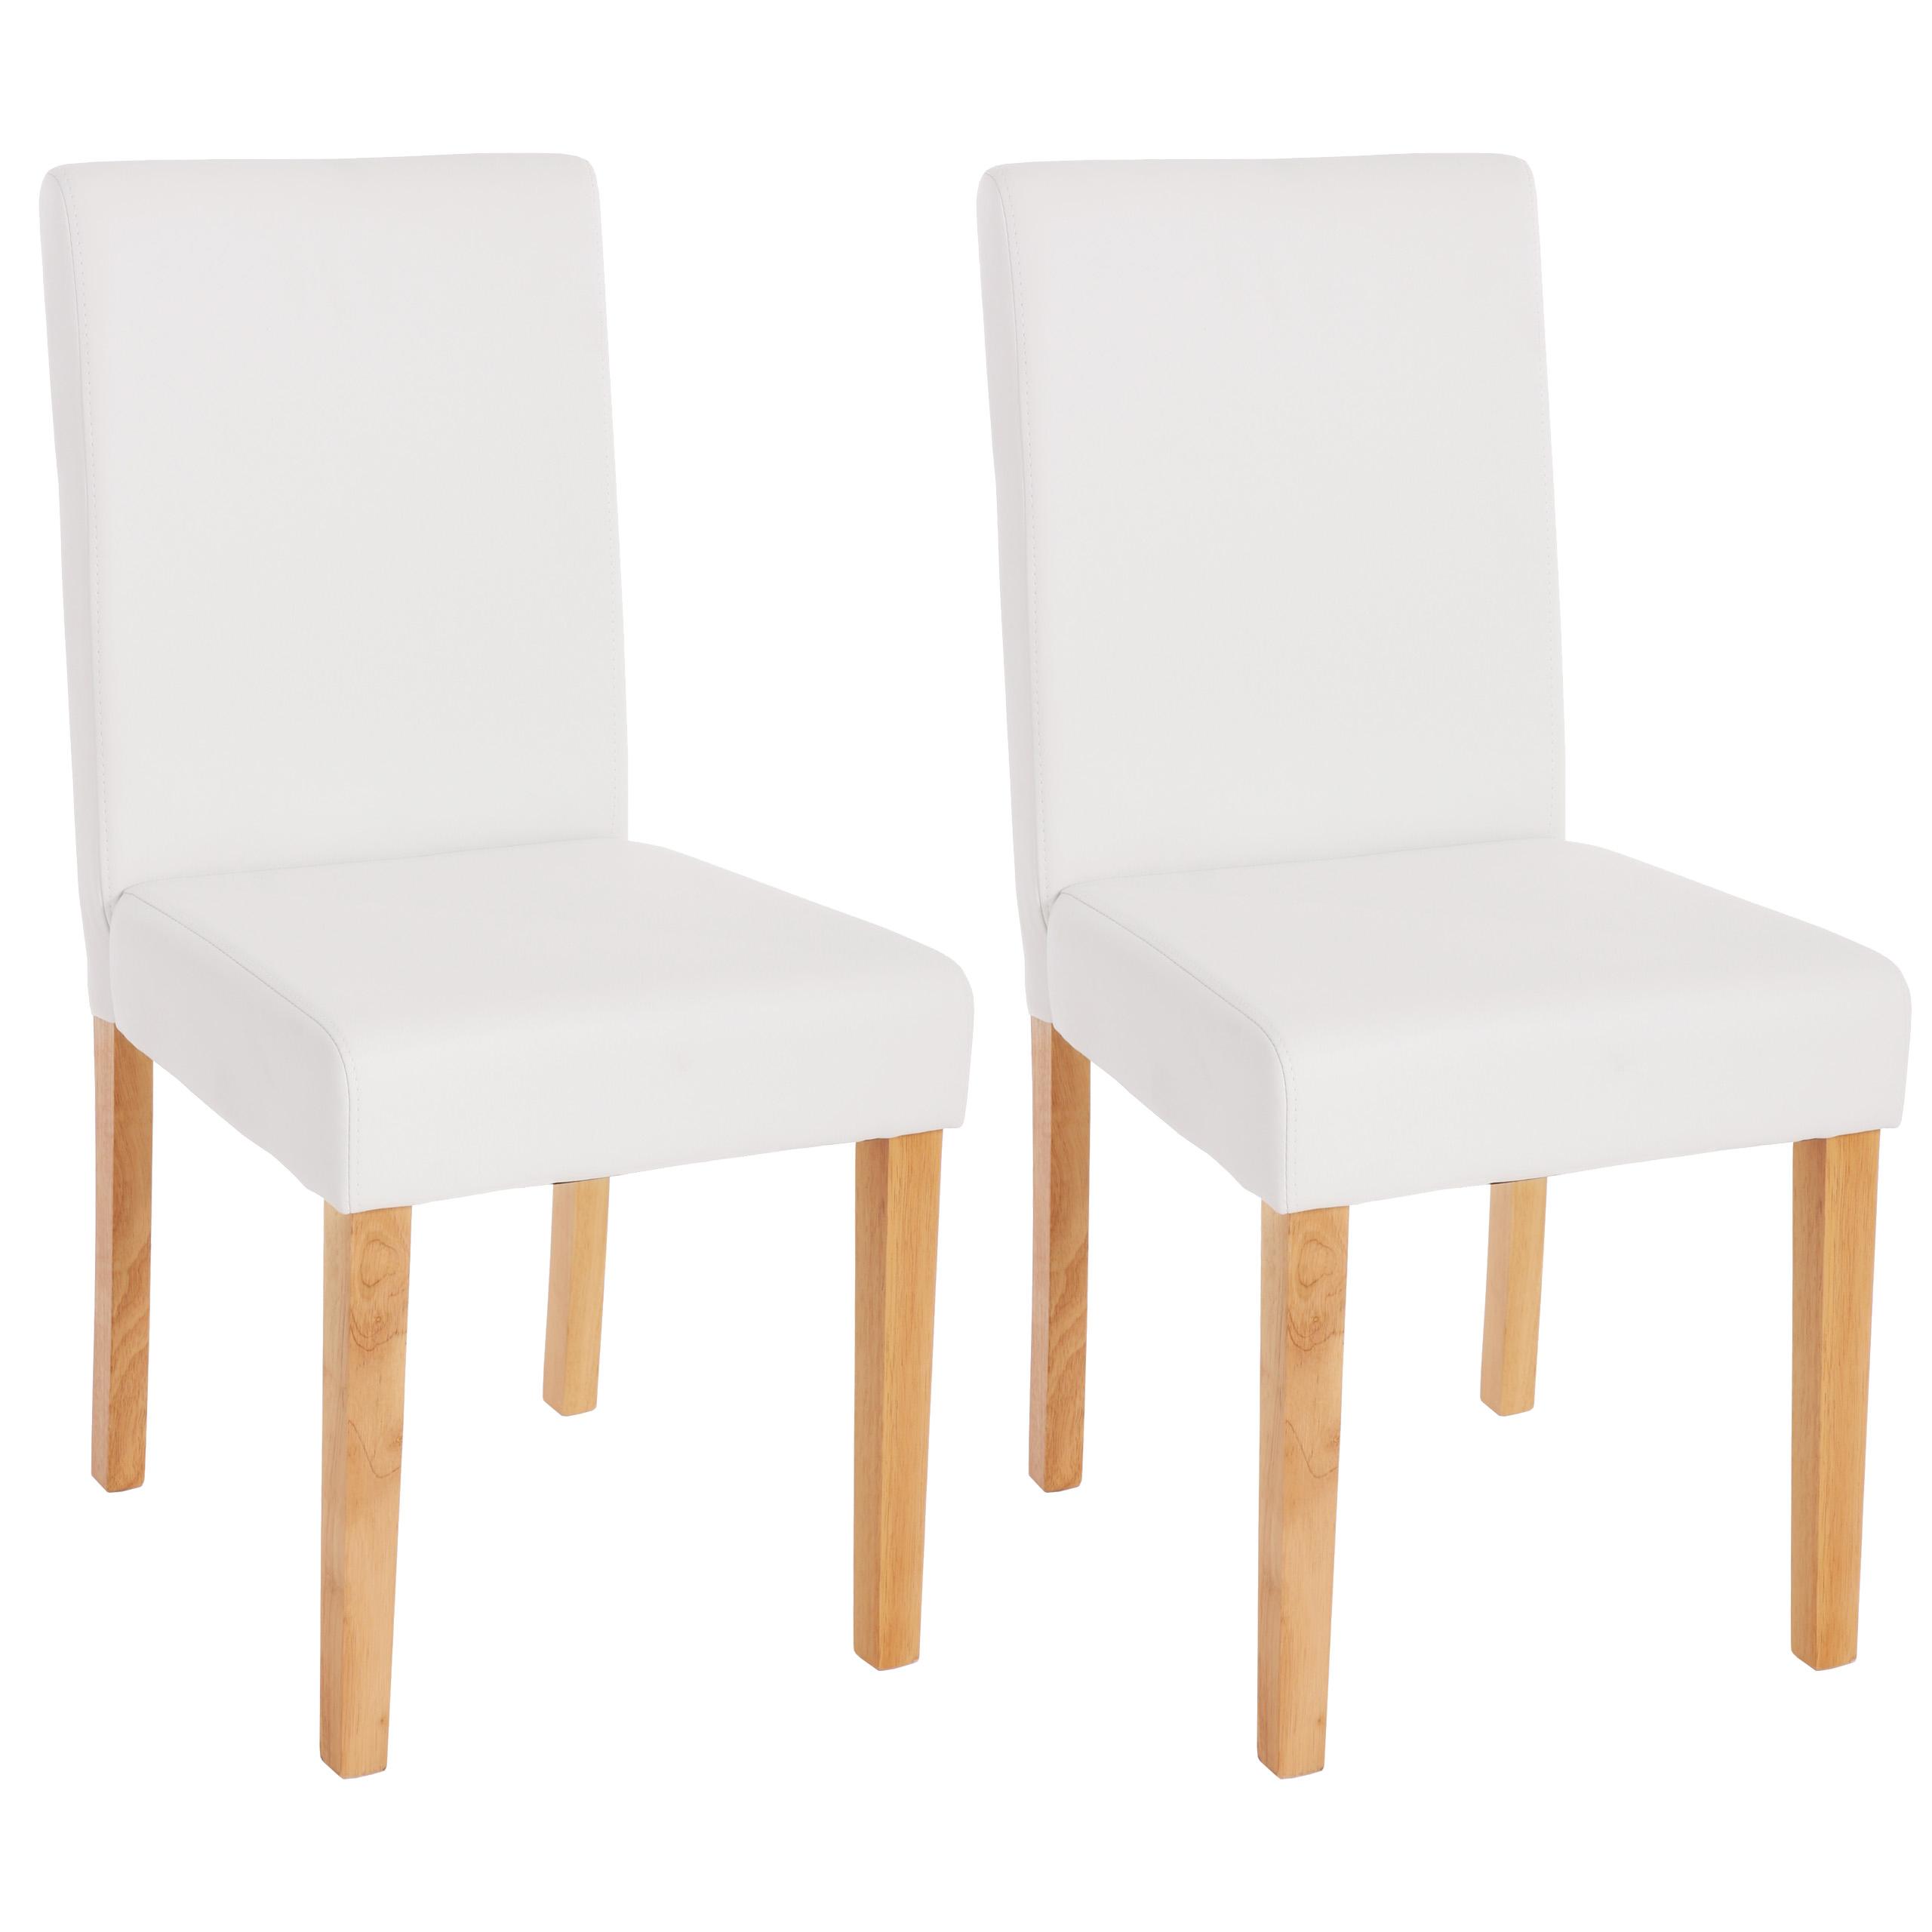 2x esszimmerstuhl stuhl lehnstuhl littau kunstleder for Stuhl weiss kunstleder